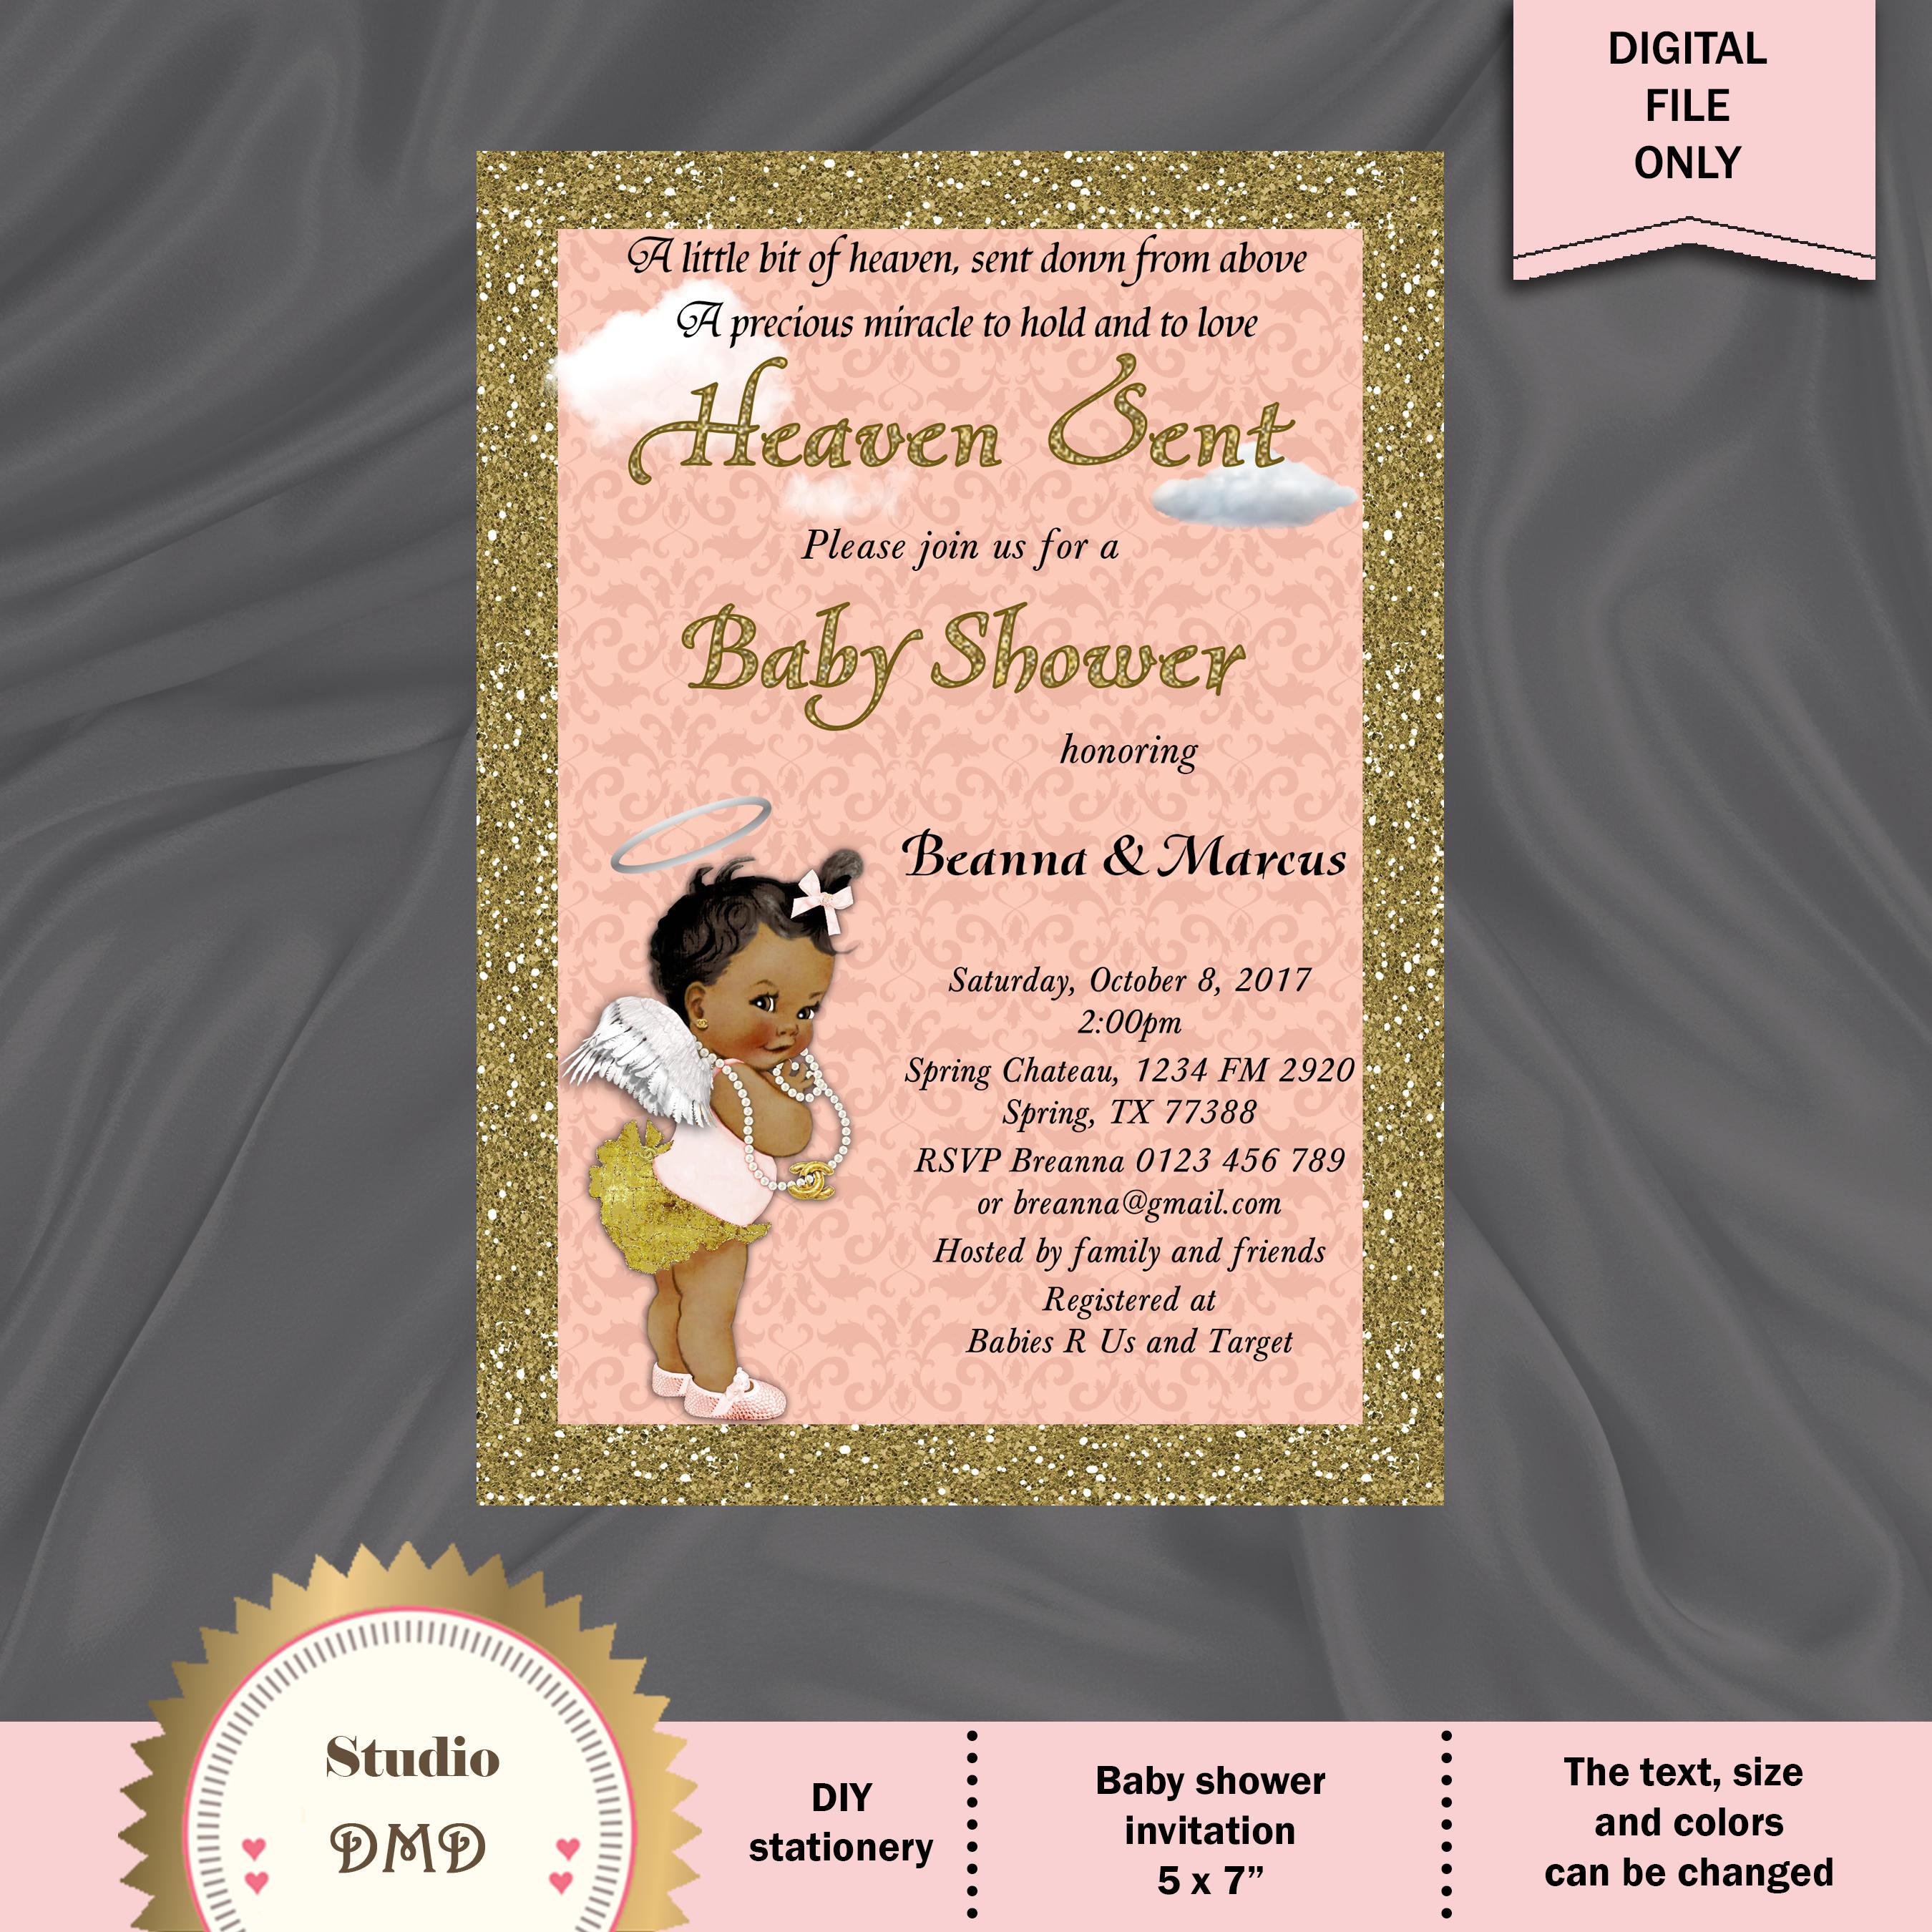 Heaven Sent Baby Shower Invitation Sent From Heaven Little